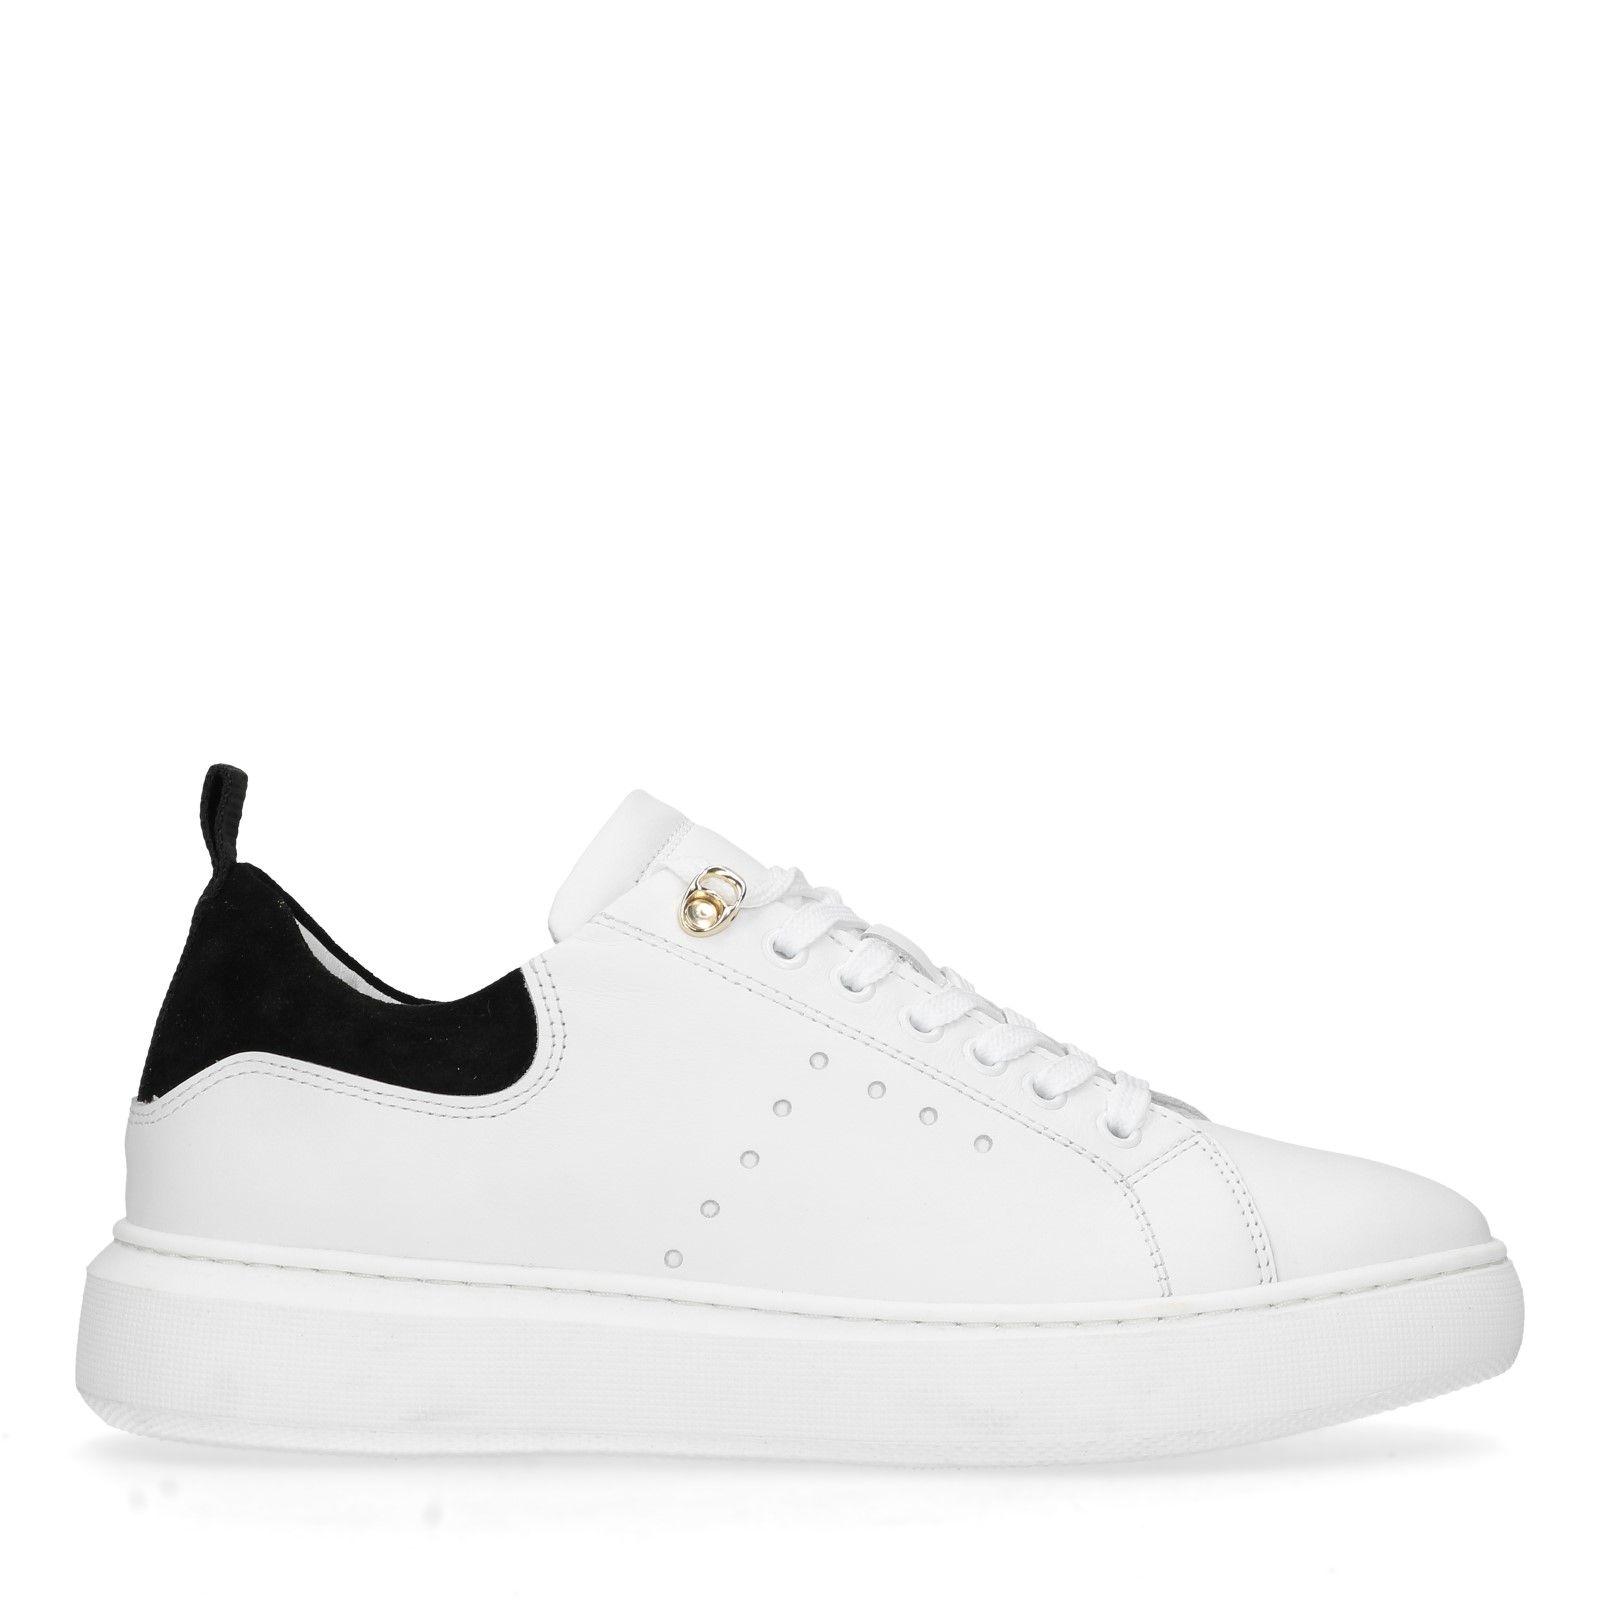 Sacha Witte sneakers met zwart detail